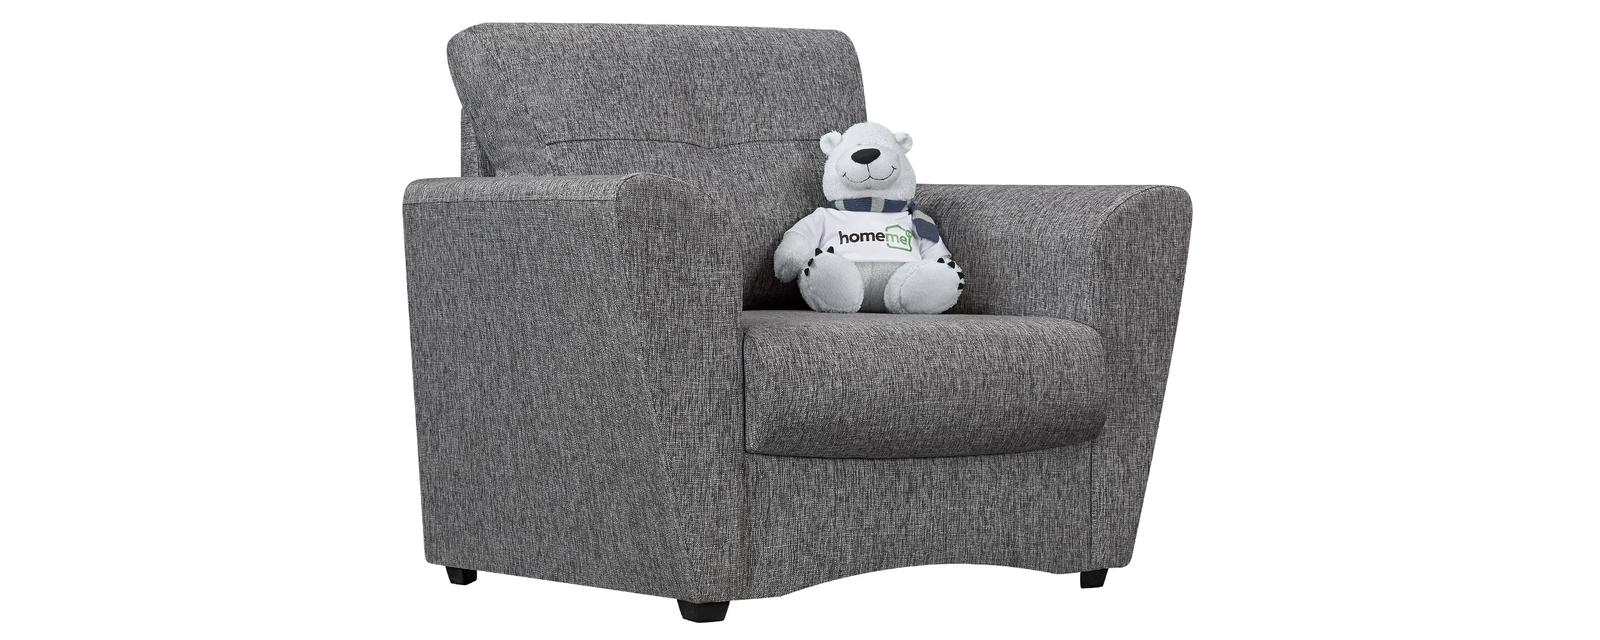 Кресло тканевое Амстердам Madagascar серый (Рогожка) HomeMe